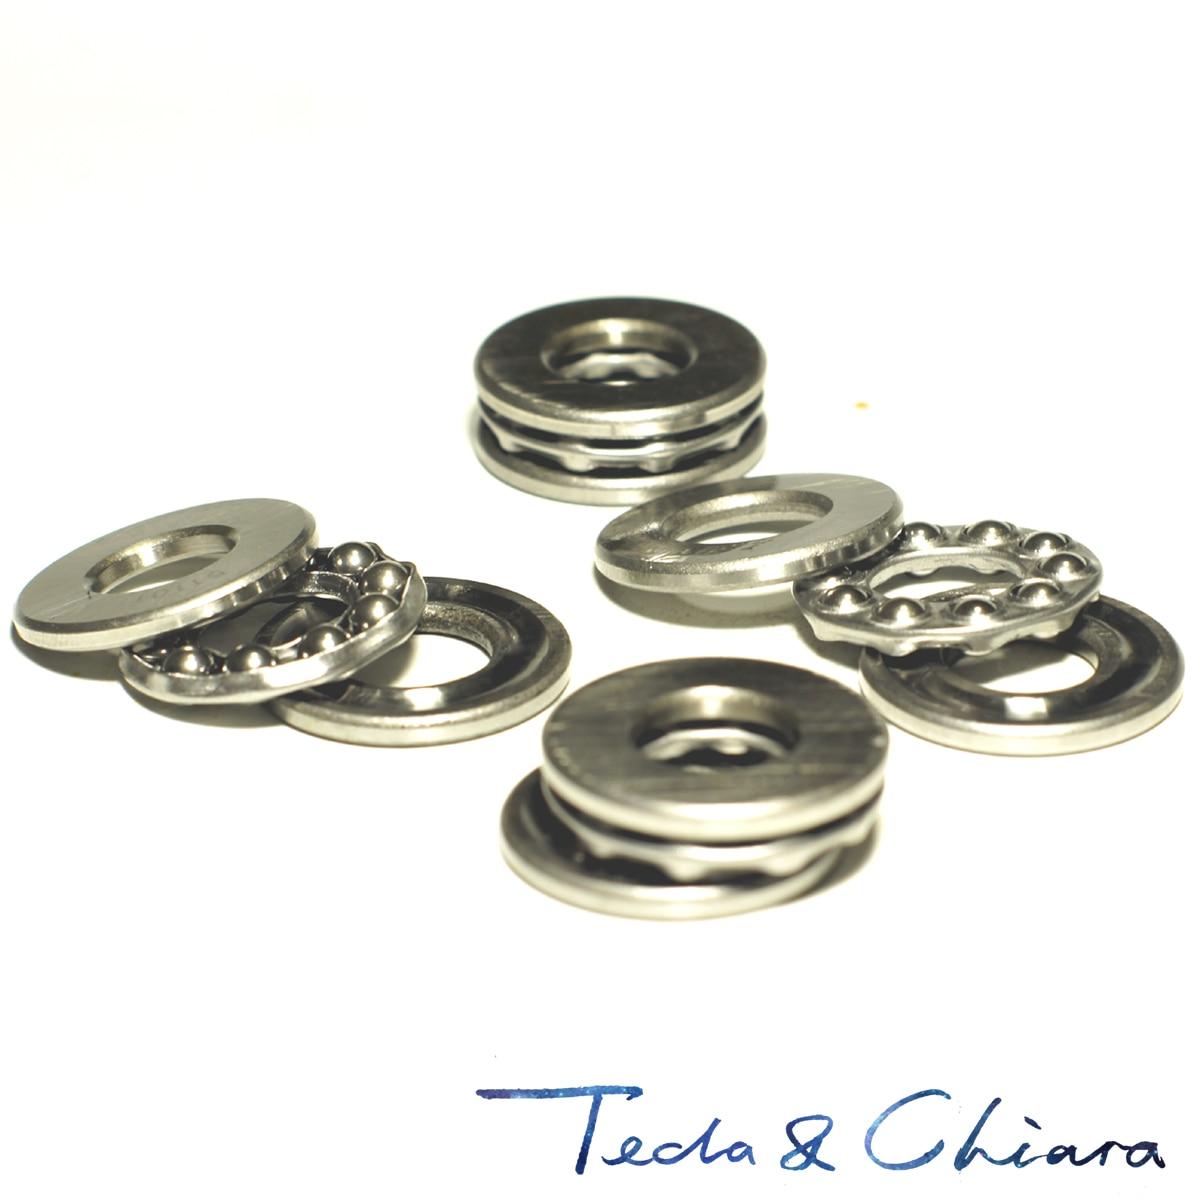 10Pcs 51101 Axial Ball Thrust Bearing 3-Parts 12mm x 26mm x 9mm